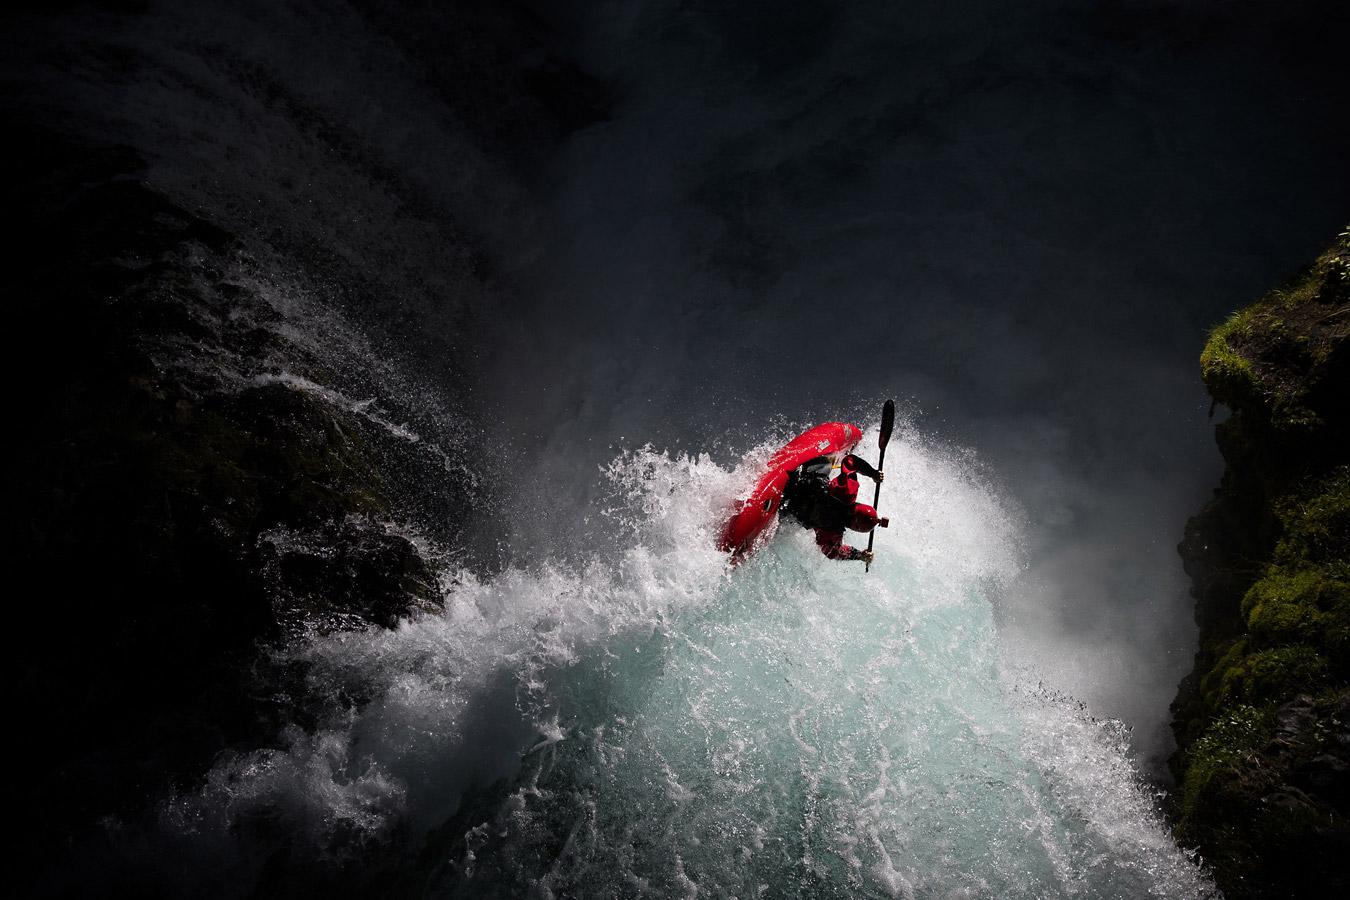 «Падение души», © Кристл Райт / Krystle Wright, Eudlo, Австралия, Финалист в категории «Экшн / Приключения» – профессионал, Фотоконкурс «Адреналин» — Спортивная и экшн-фотография